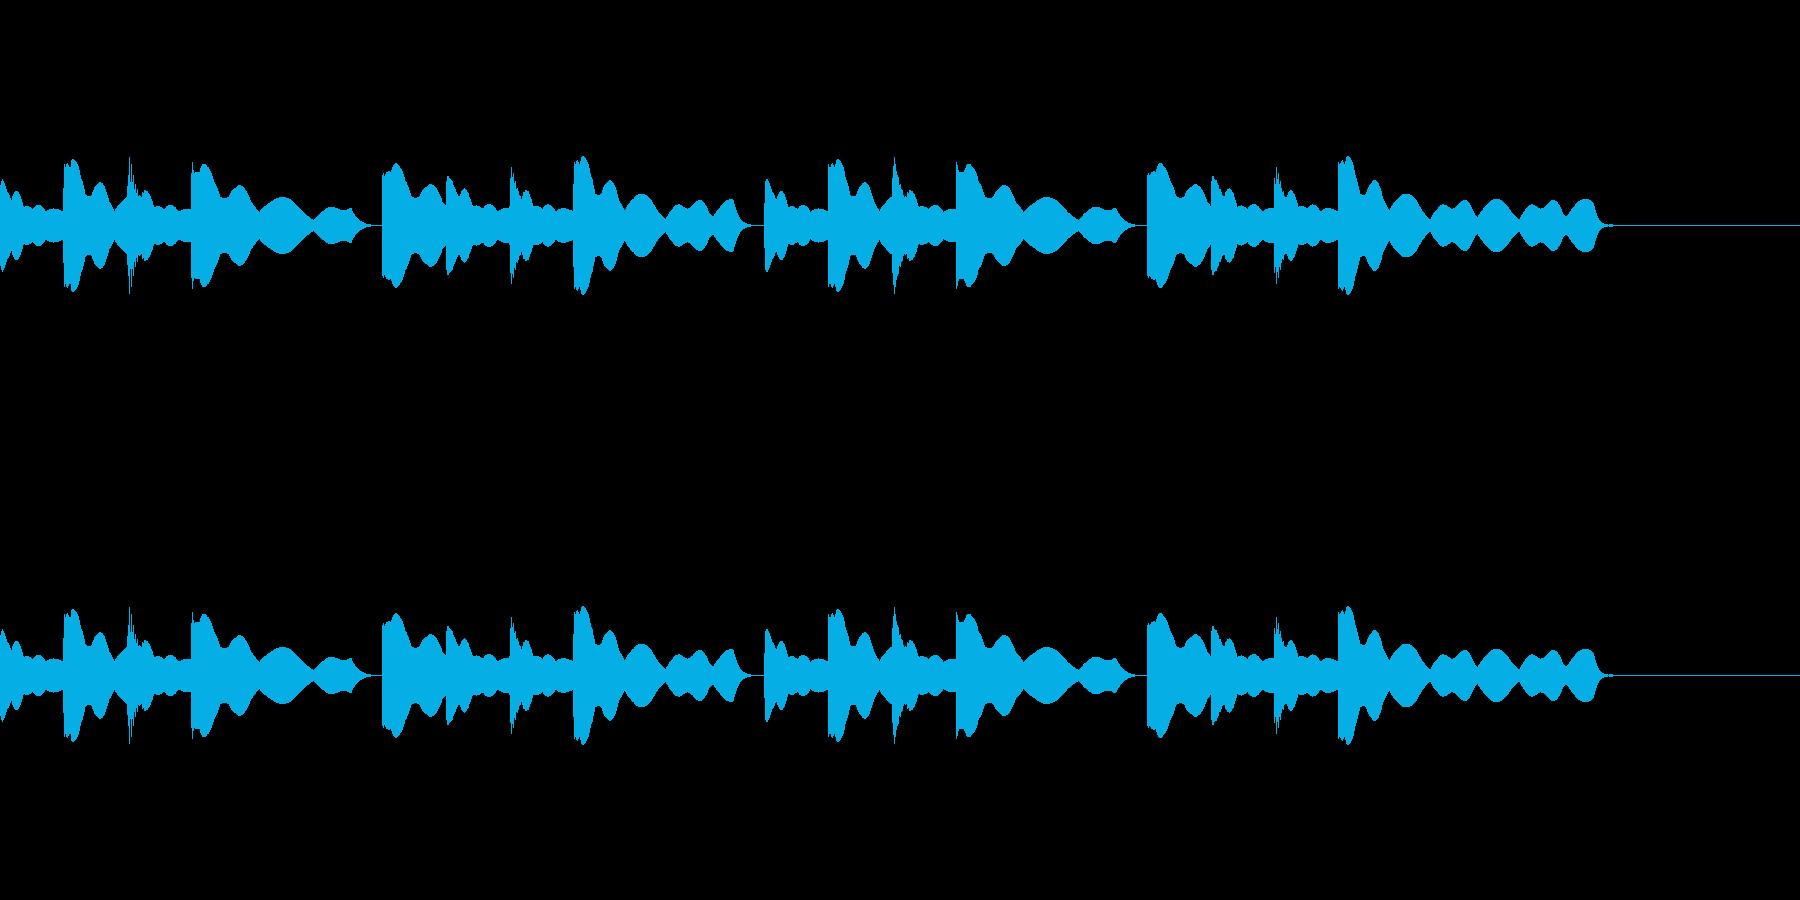 チャイム(通常版)の再生済みの波形